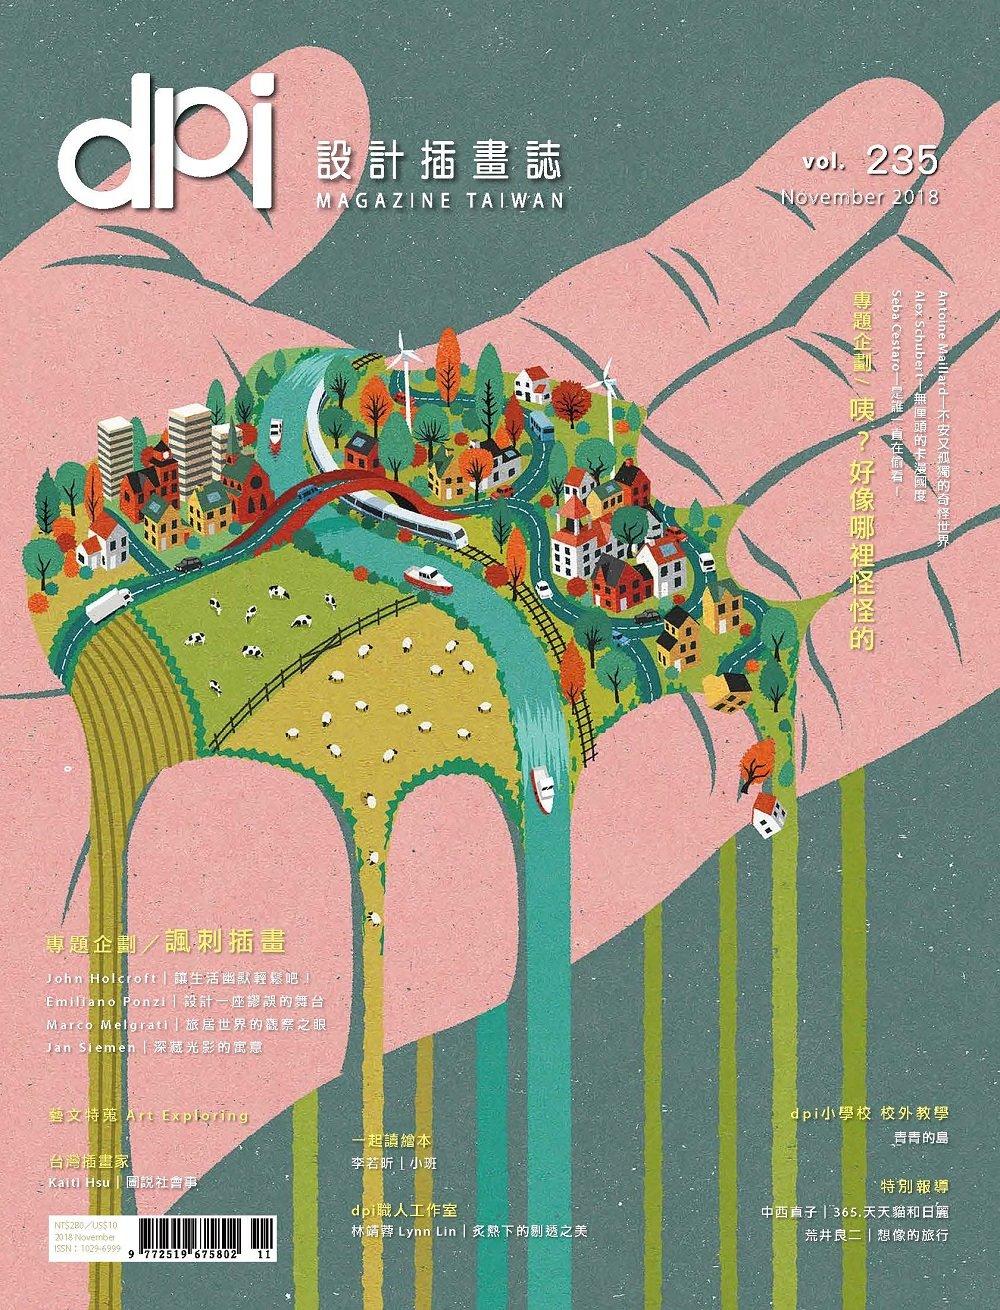 dpi設計插畫誌 11月號/2...